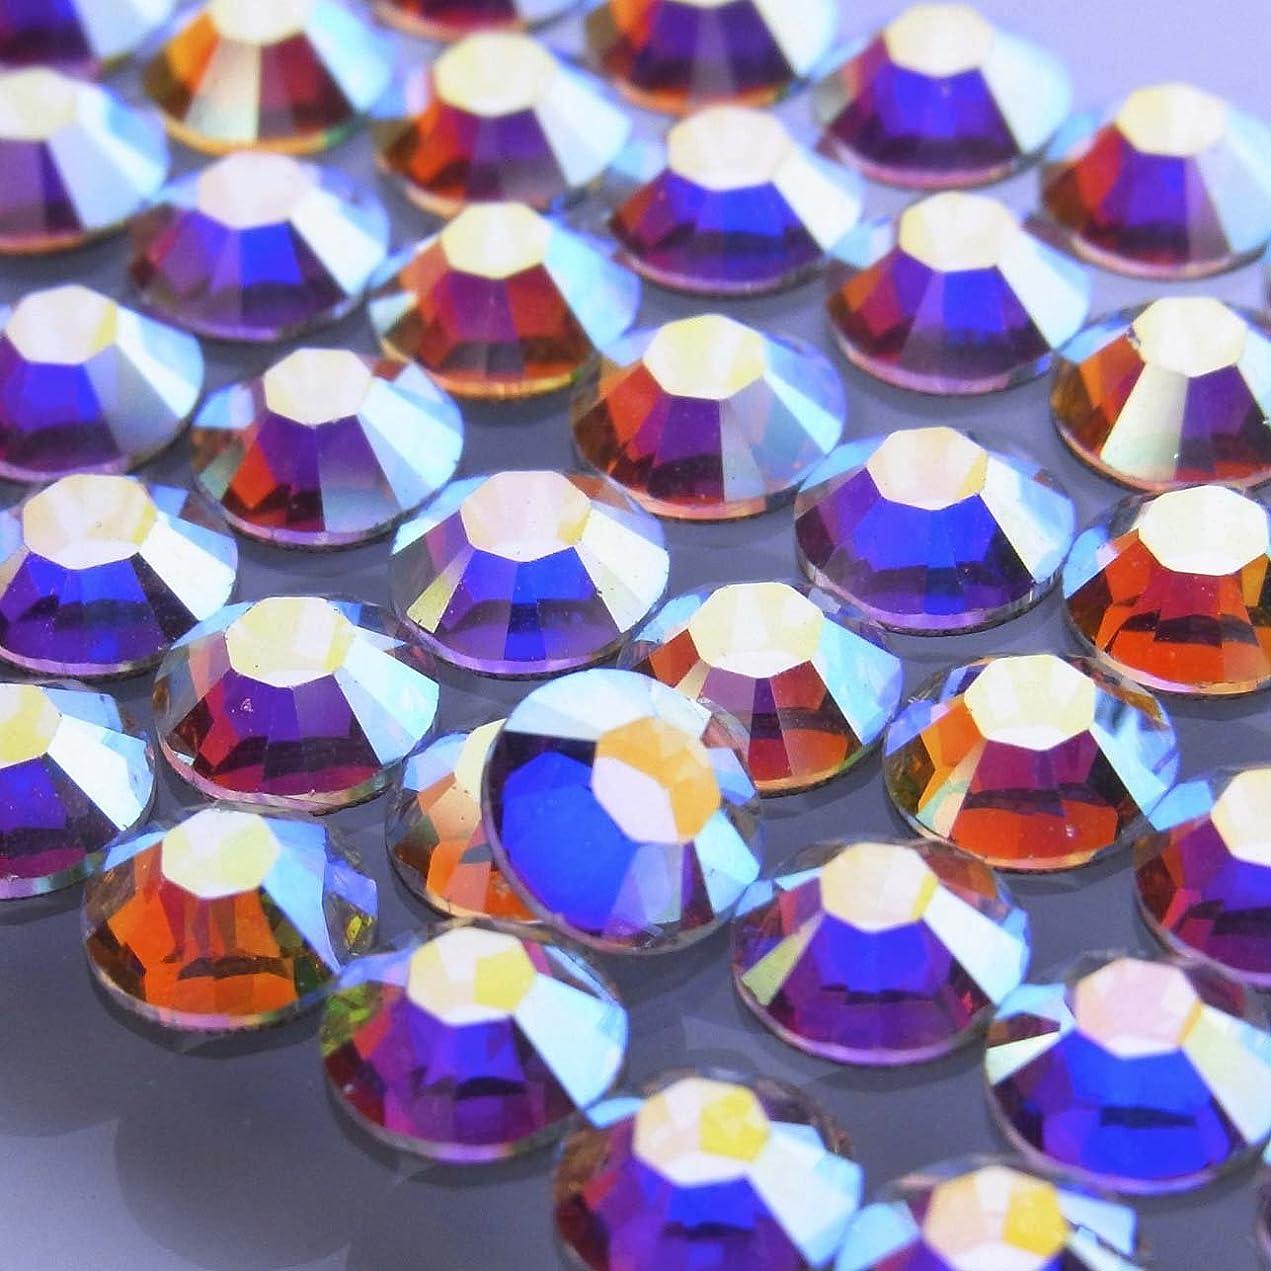 エクスタシー有名靄Hotfixクリスタルオーロラss16(100粒入り)スワロフスキーラインストーンホットフィックス